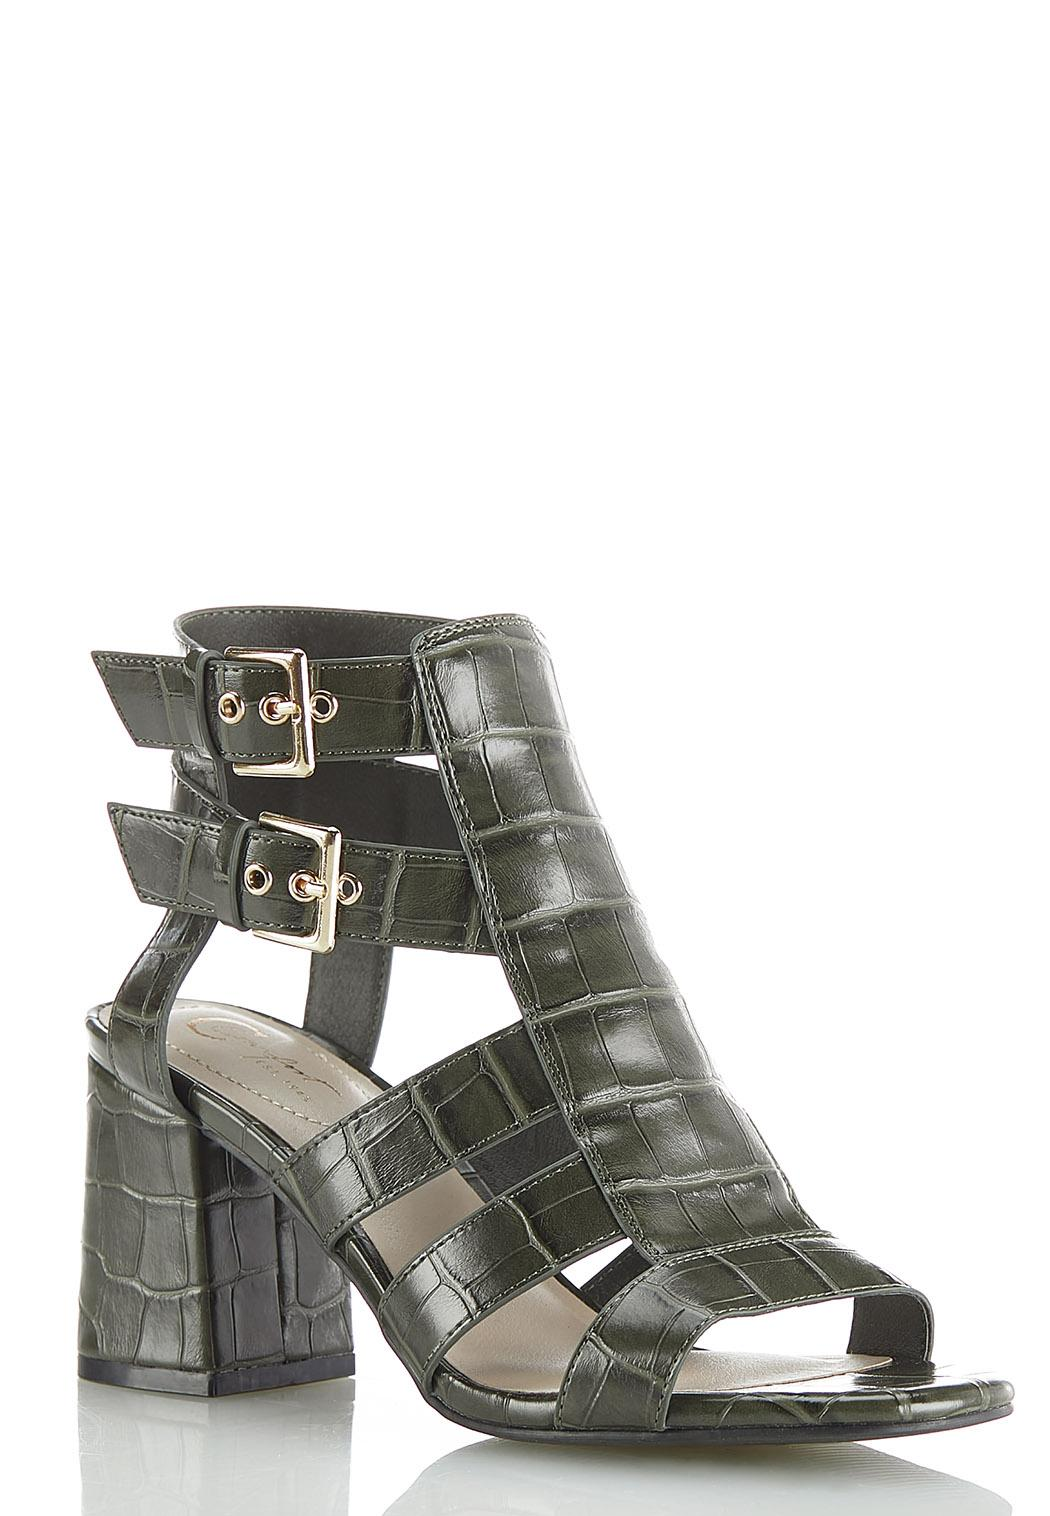 Croc Double Buckle Heeled Sandals